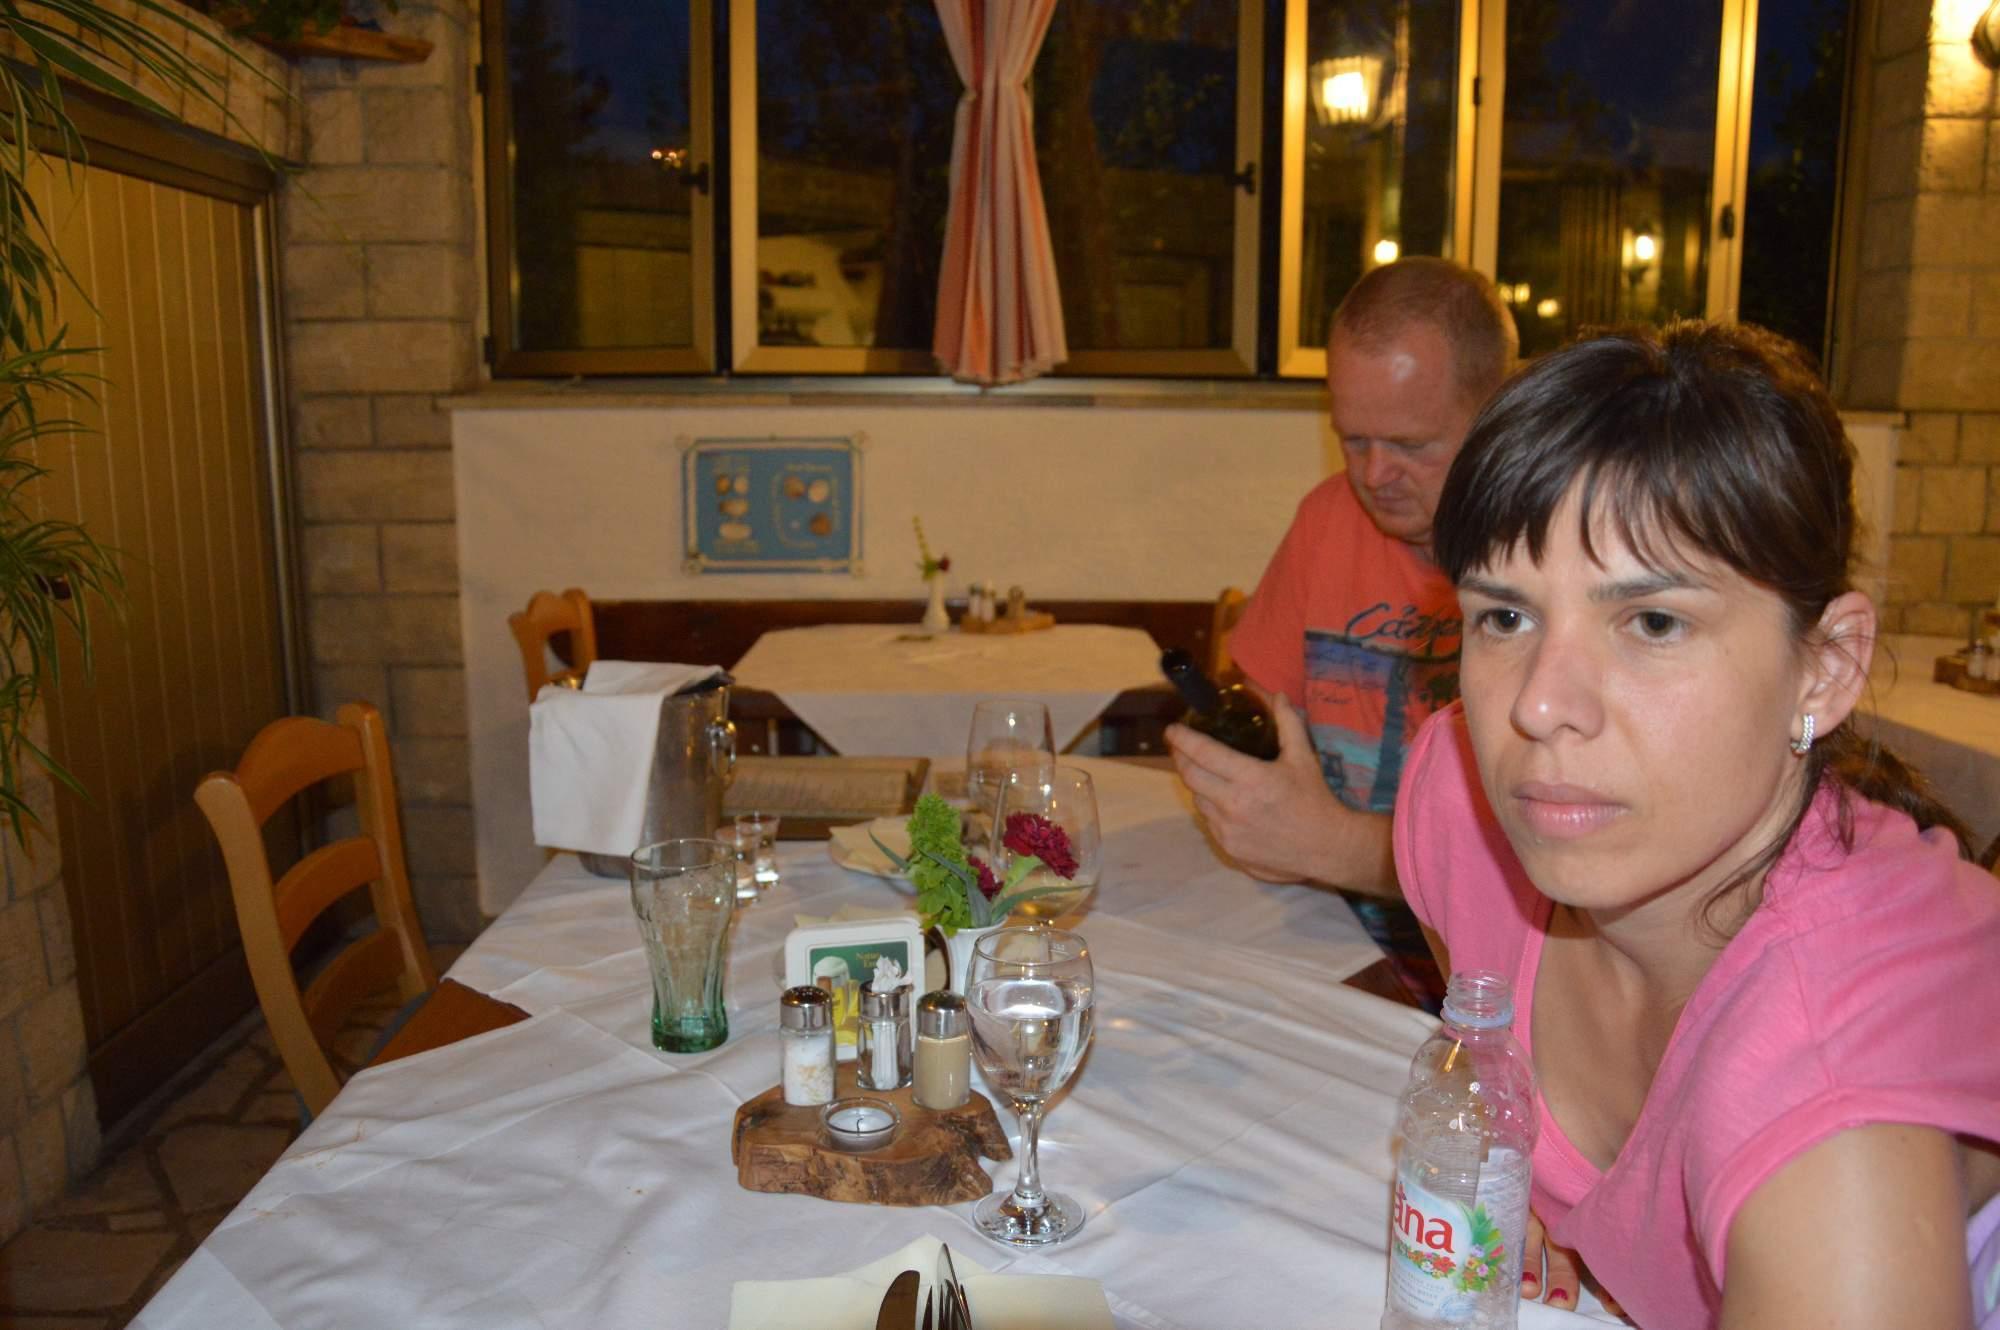 http://img19.rajce.idnes.cz/d1902/11/11369/11369498_ba1b1cc51aa2b100ecd01c05fe1b9075/images/DSC_0377.jpg